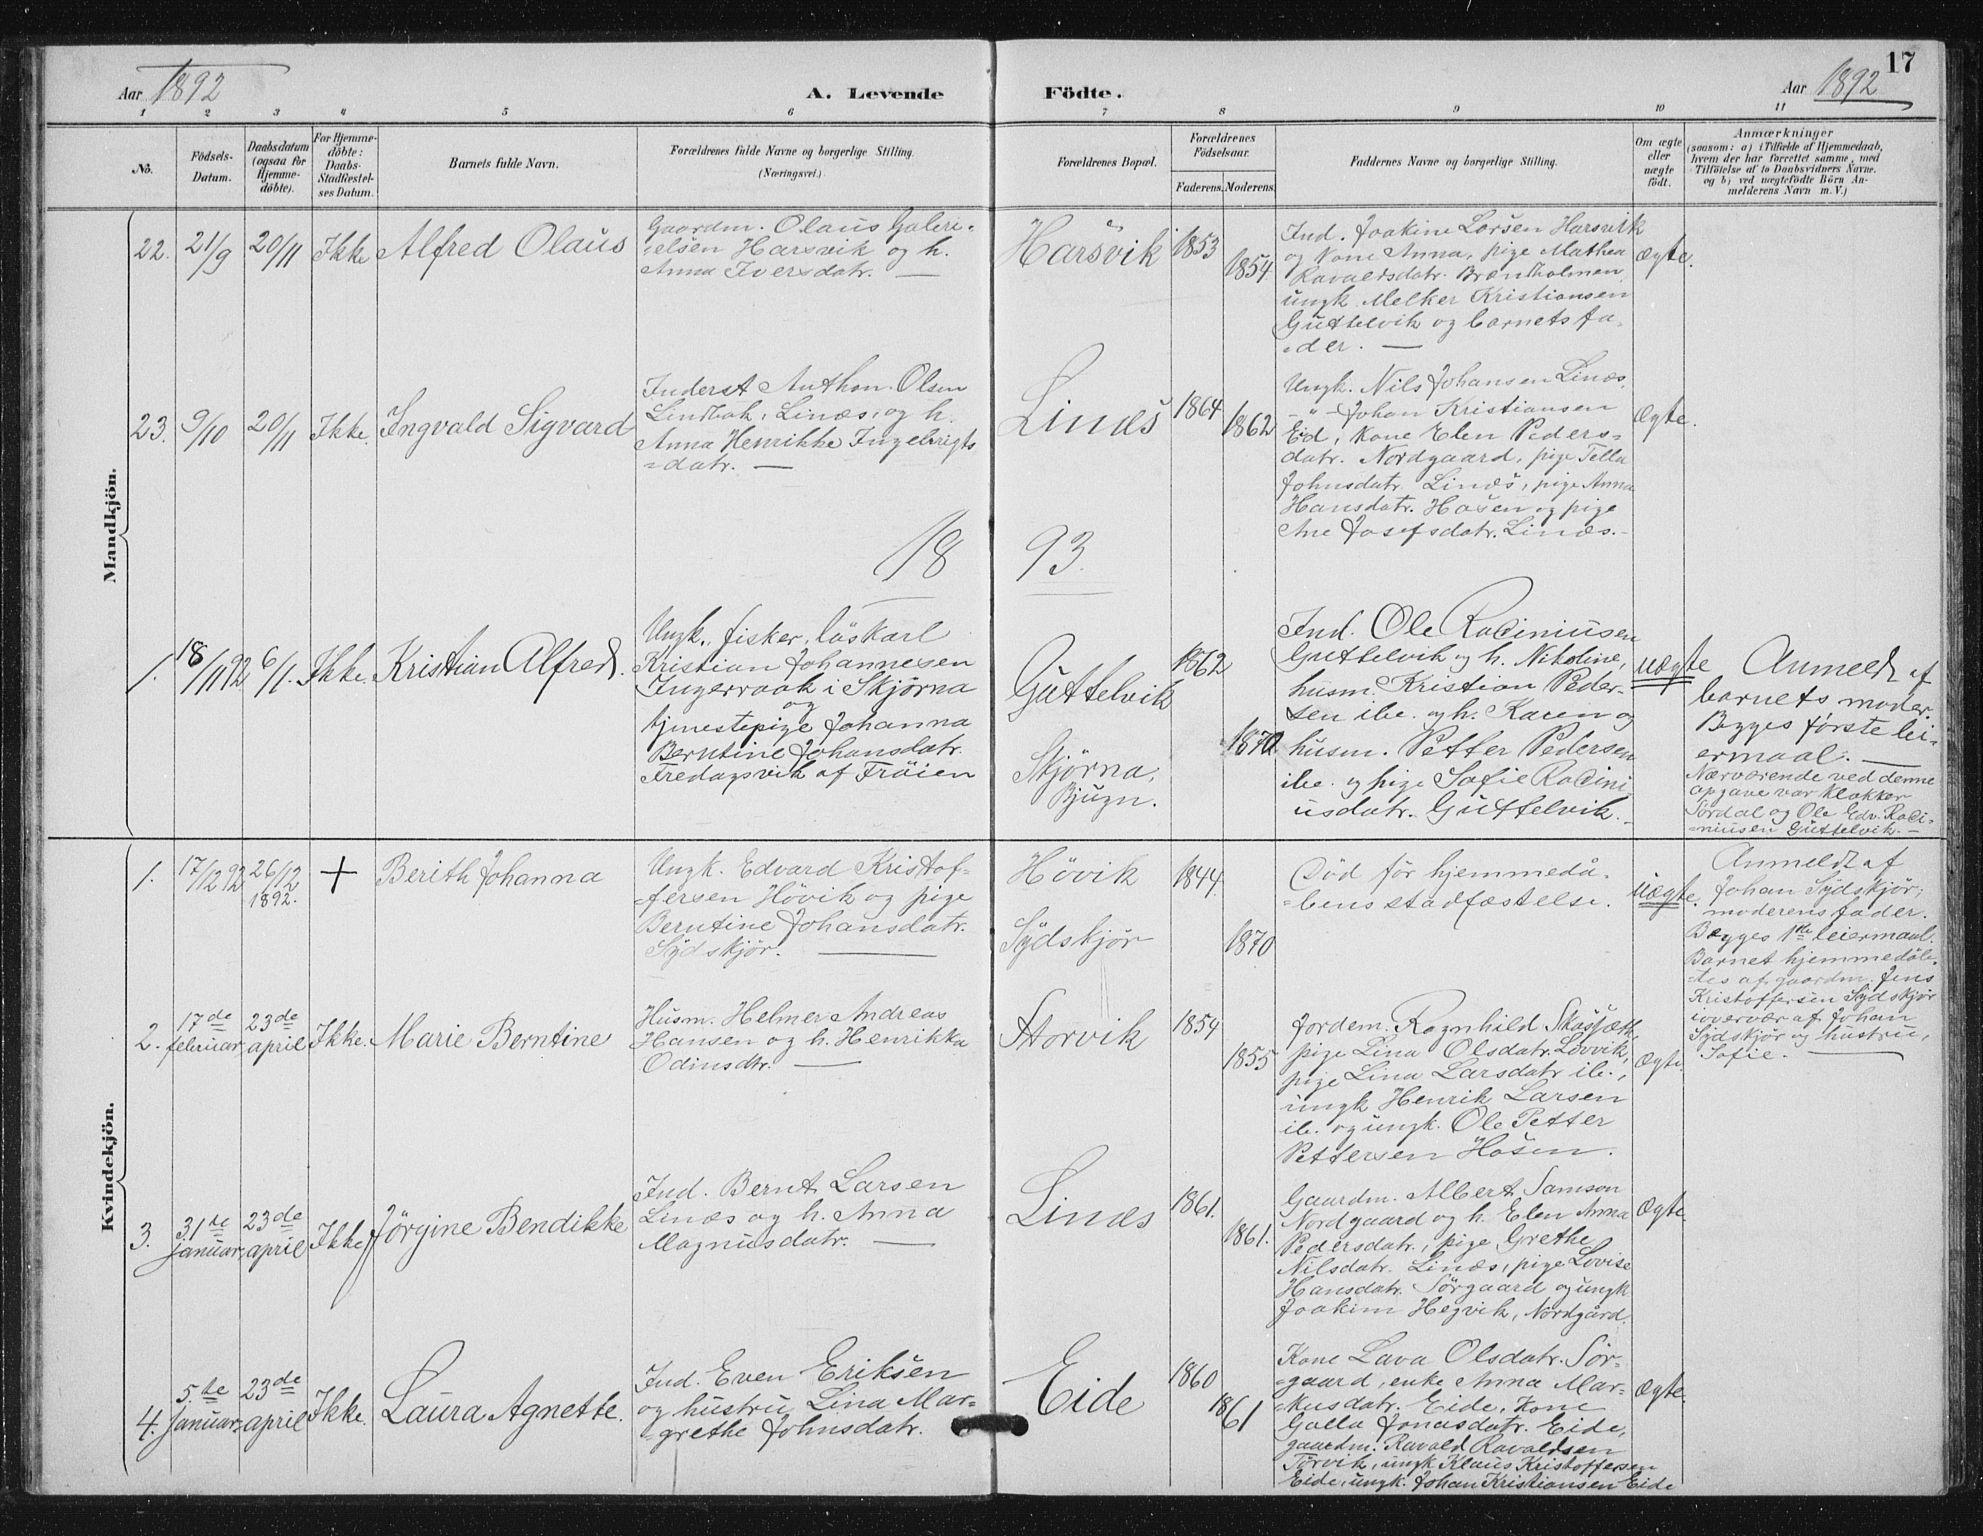 SAT, Ministerialprotokoller, klokkerbøker og fødselsregistre - Sør-Trøndelag, 656/L0698: Klokkerbok nr. 656C04, 1890-1904, s. 17